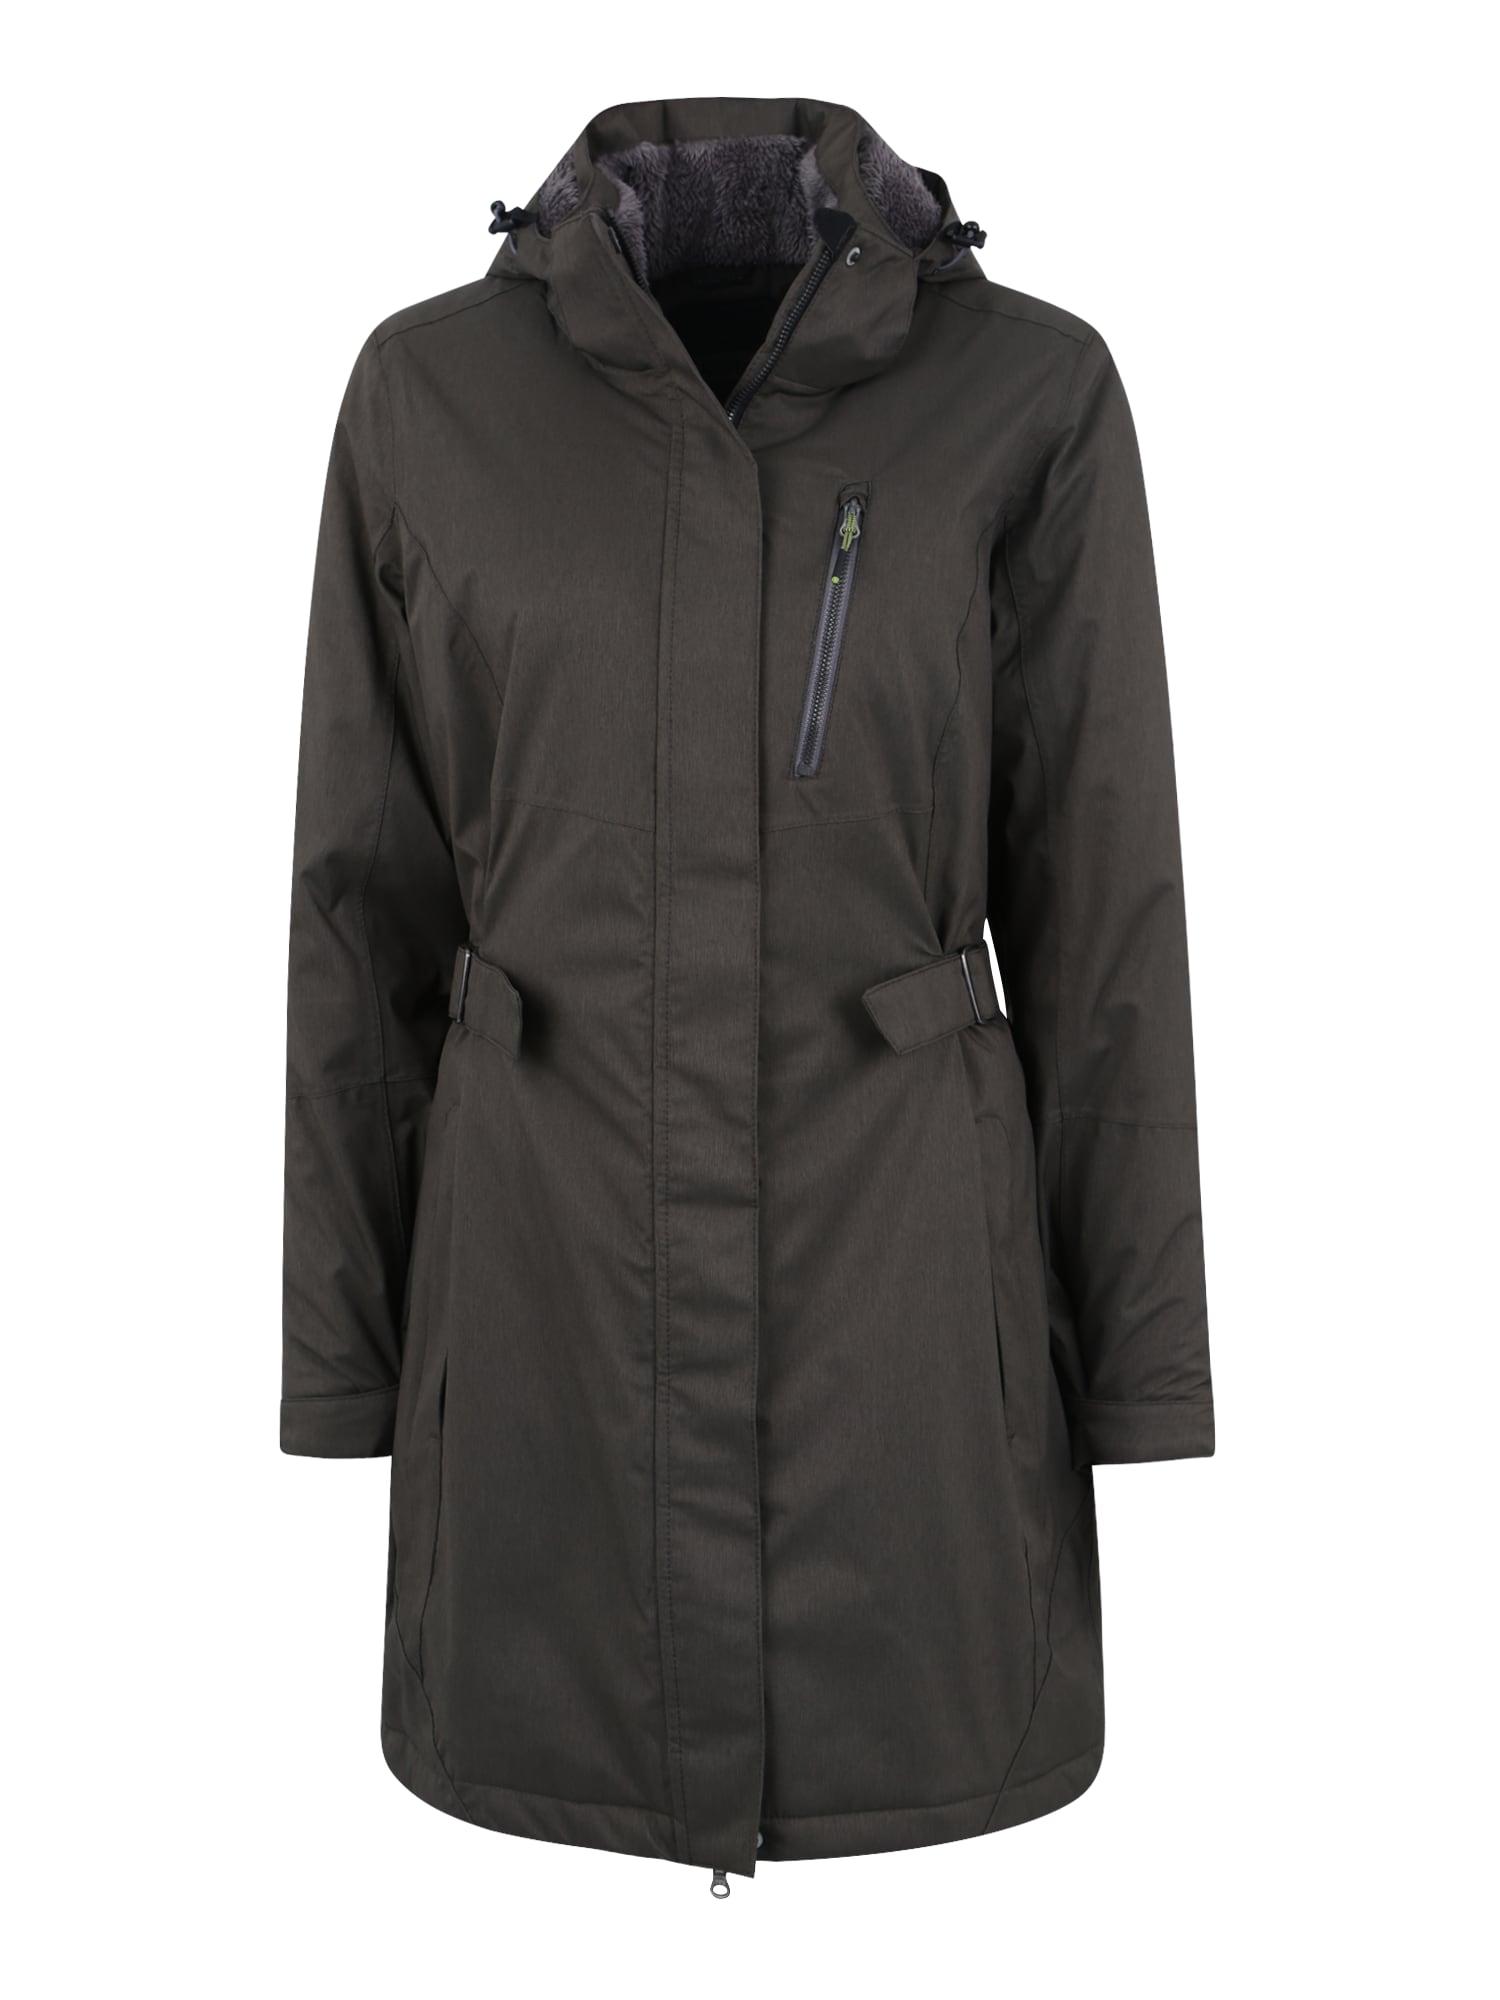 Outdoorový kabát Alisi olivová KILLTEC